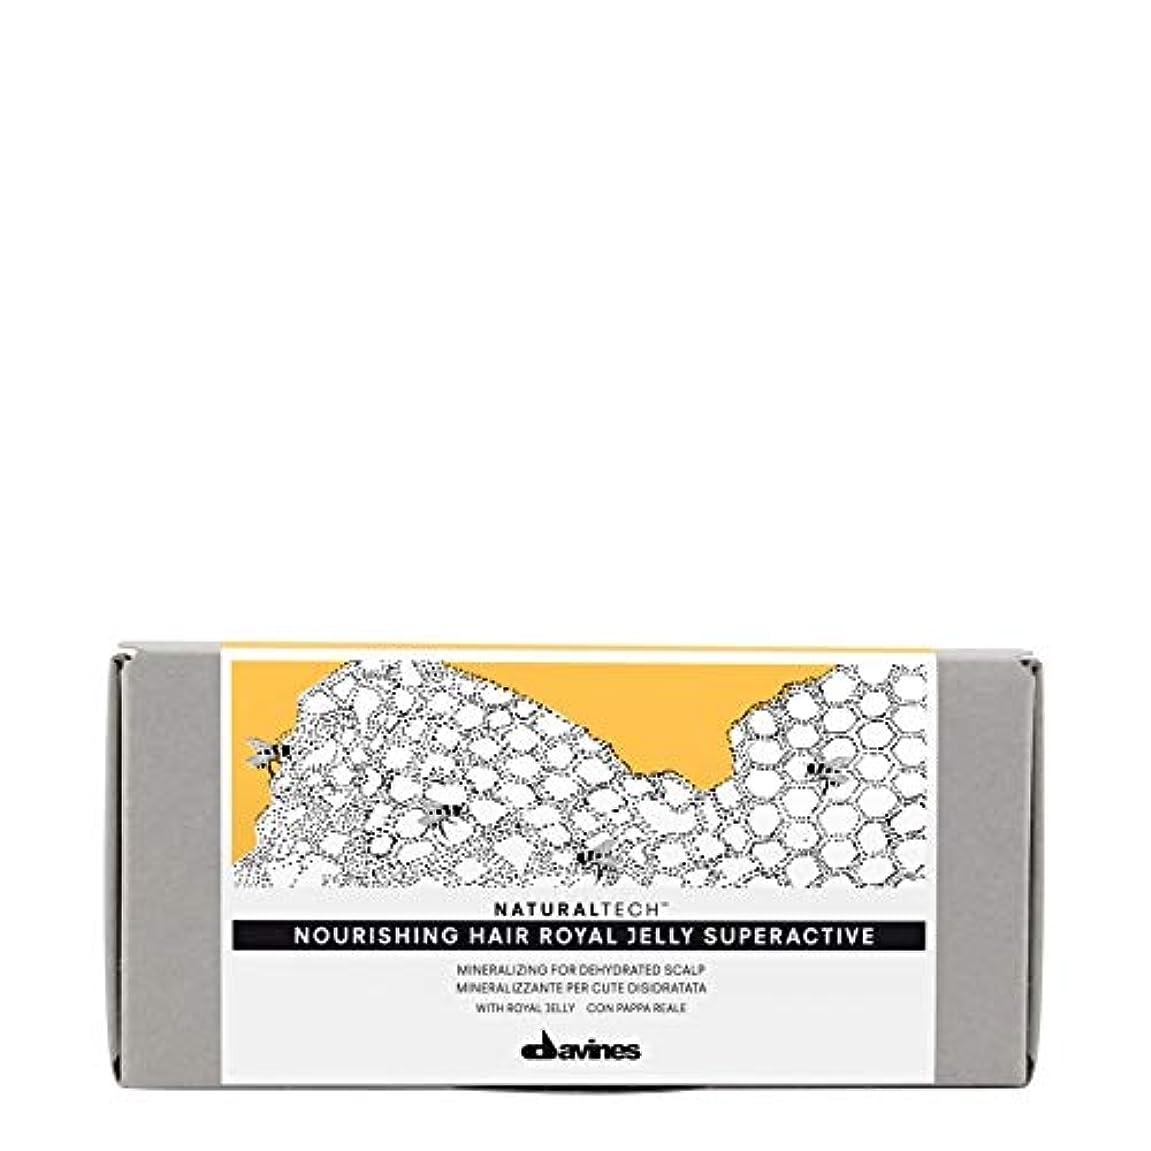 タイプ多様性モルヒネ[Davines ] ダヴィネス栄養髪ローヤルゼリー超活性 - Davines Nourishing Hair Royal Jelly Superactive [並行輸入品]